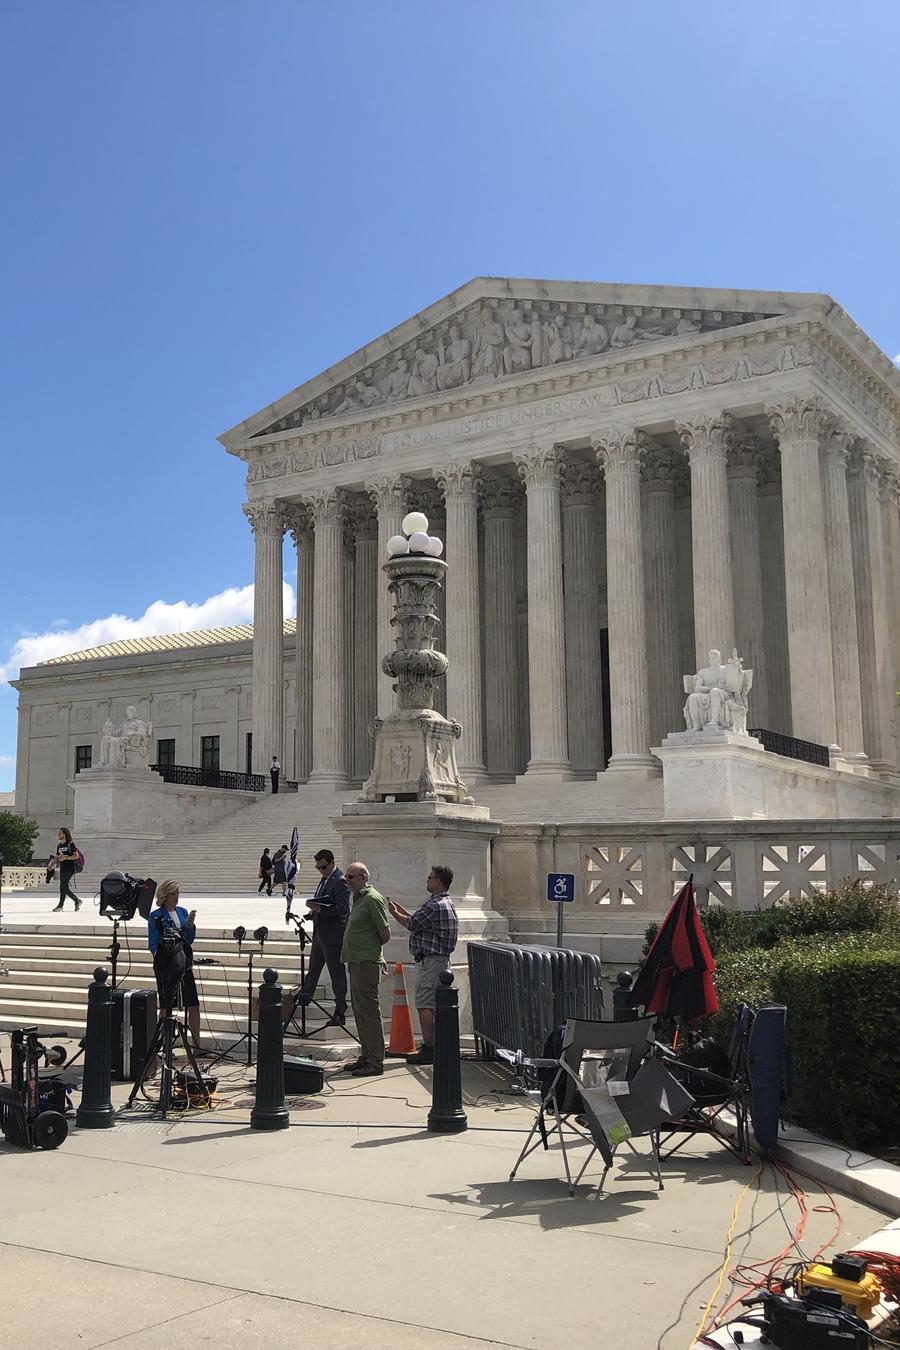 En su próxima sesión, el Tribunal Supremo escuchará casos de discriminación contra trabajadores homosexuales